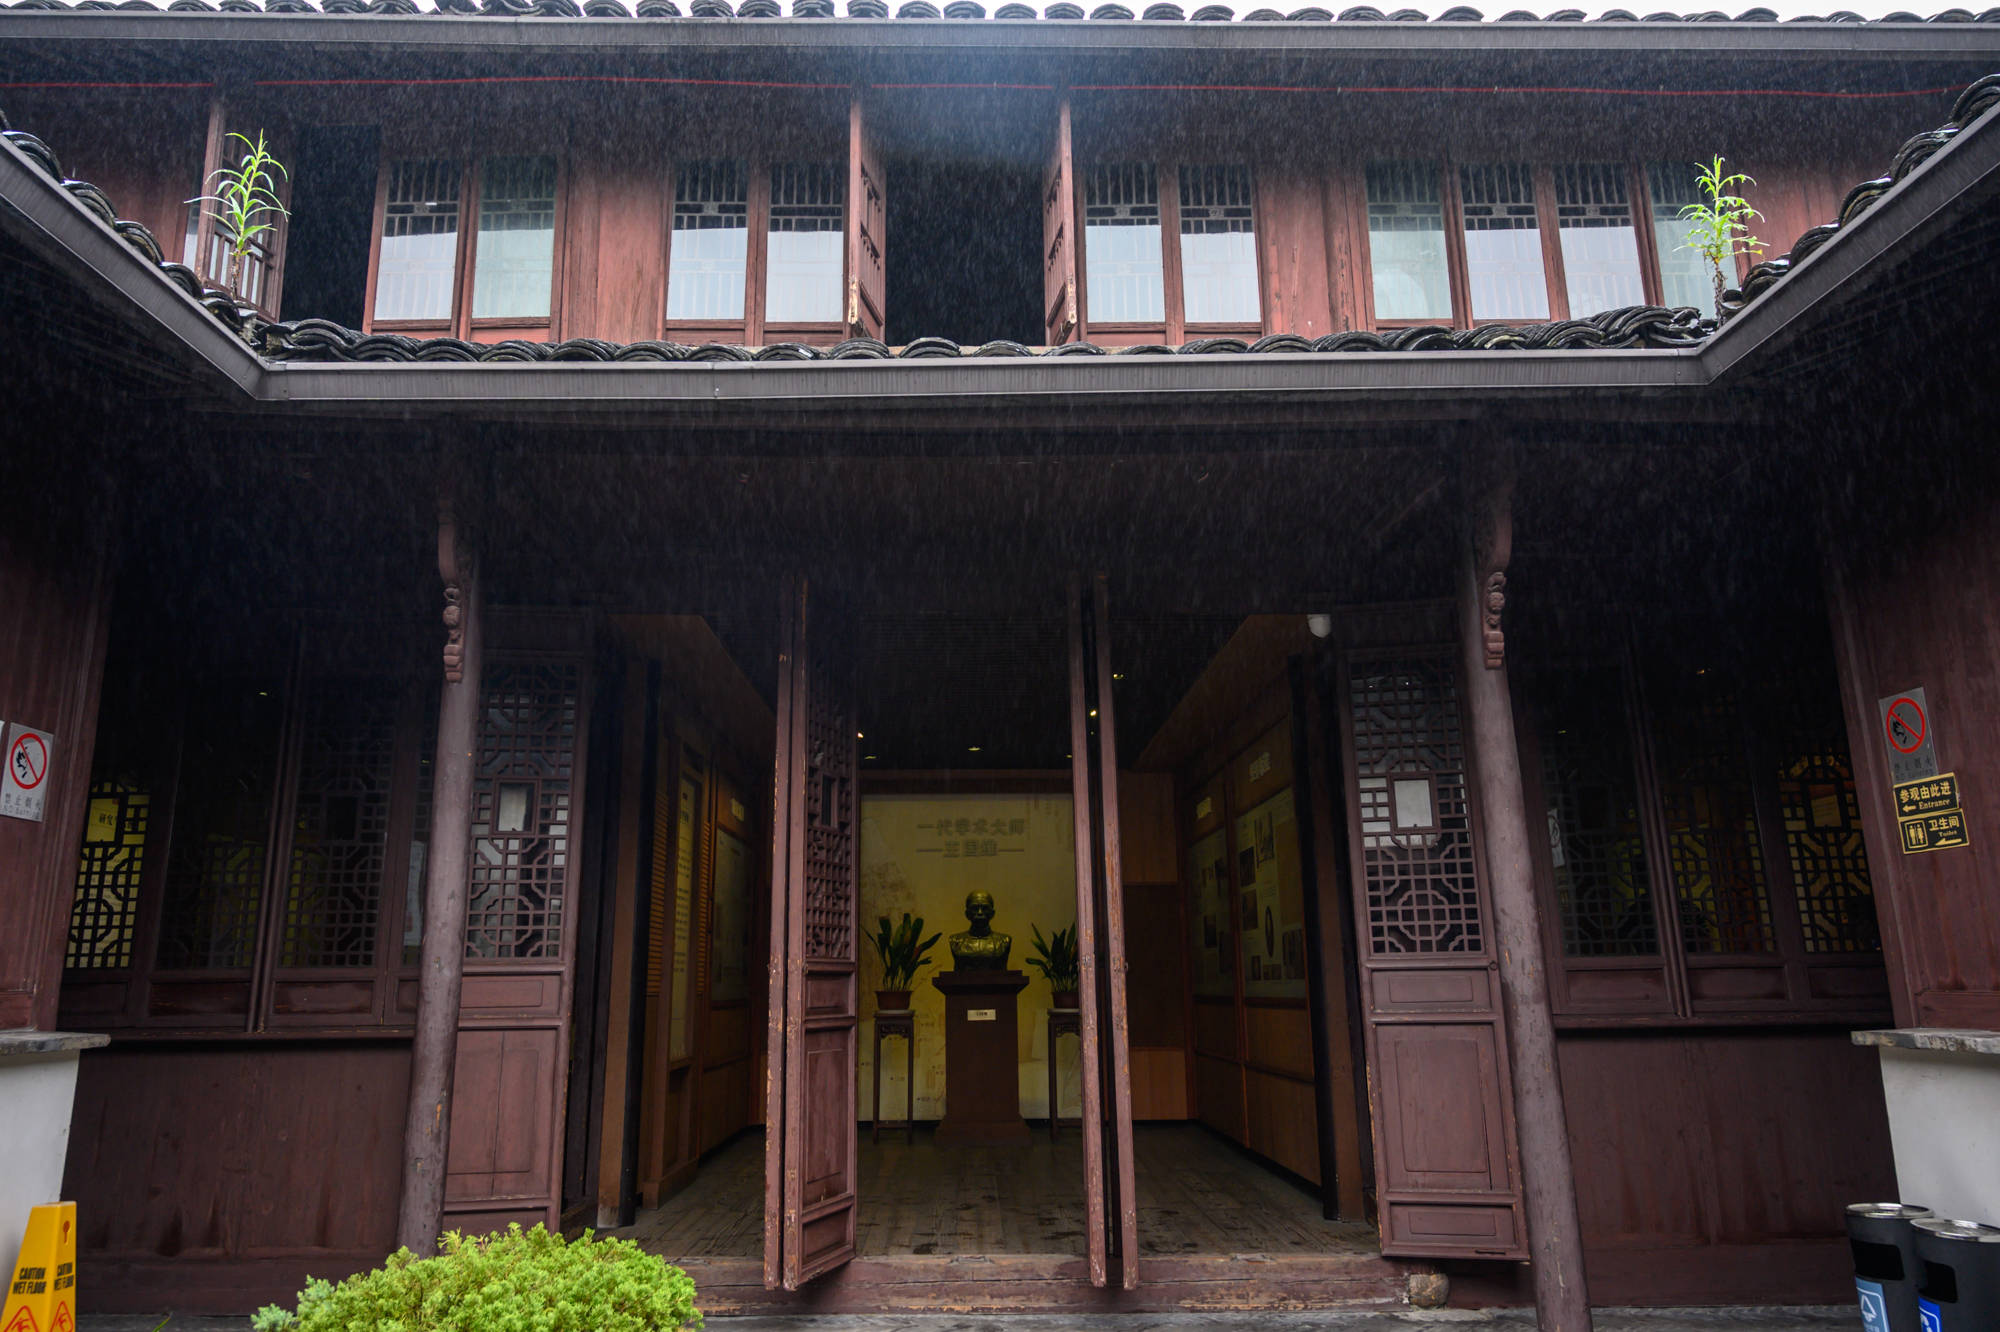 浙江盐官有一座名人故居,一代国学大师从这里走出,知道的人不多